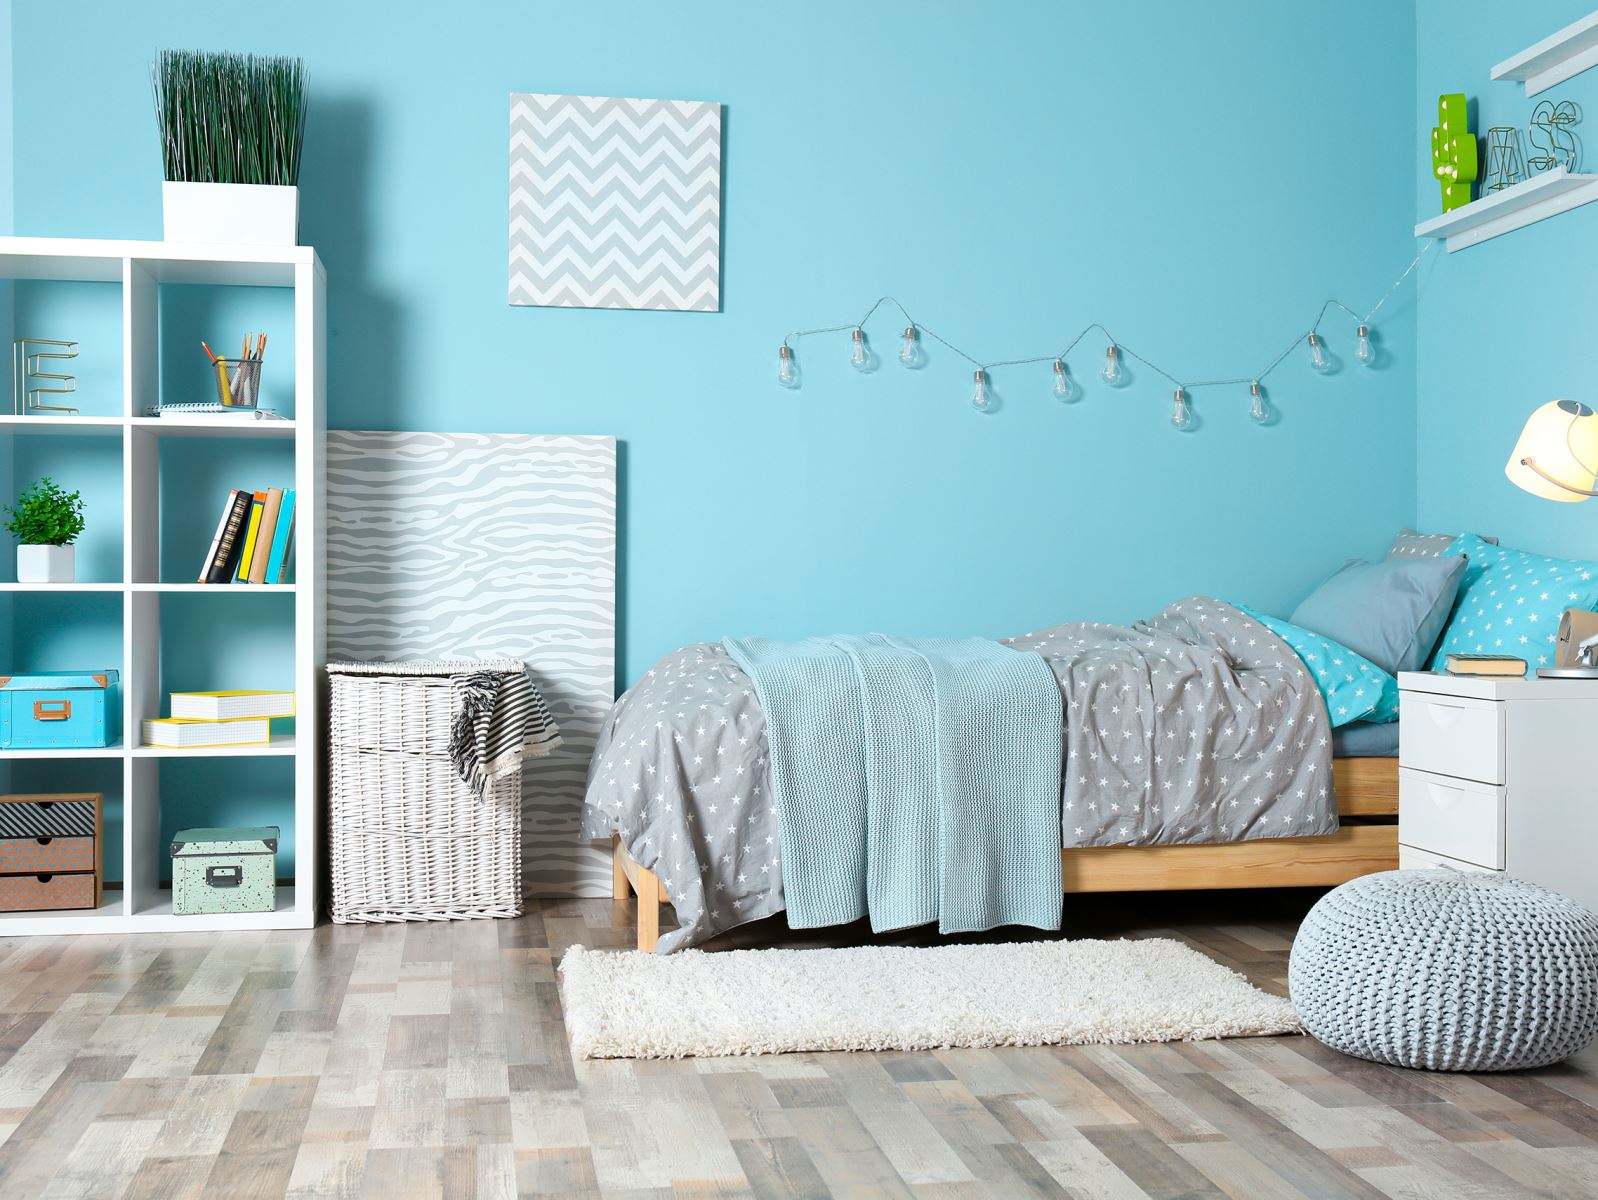 Màu xanh dương luôn đem đến sự yên bình và thư giãn